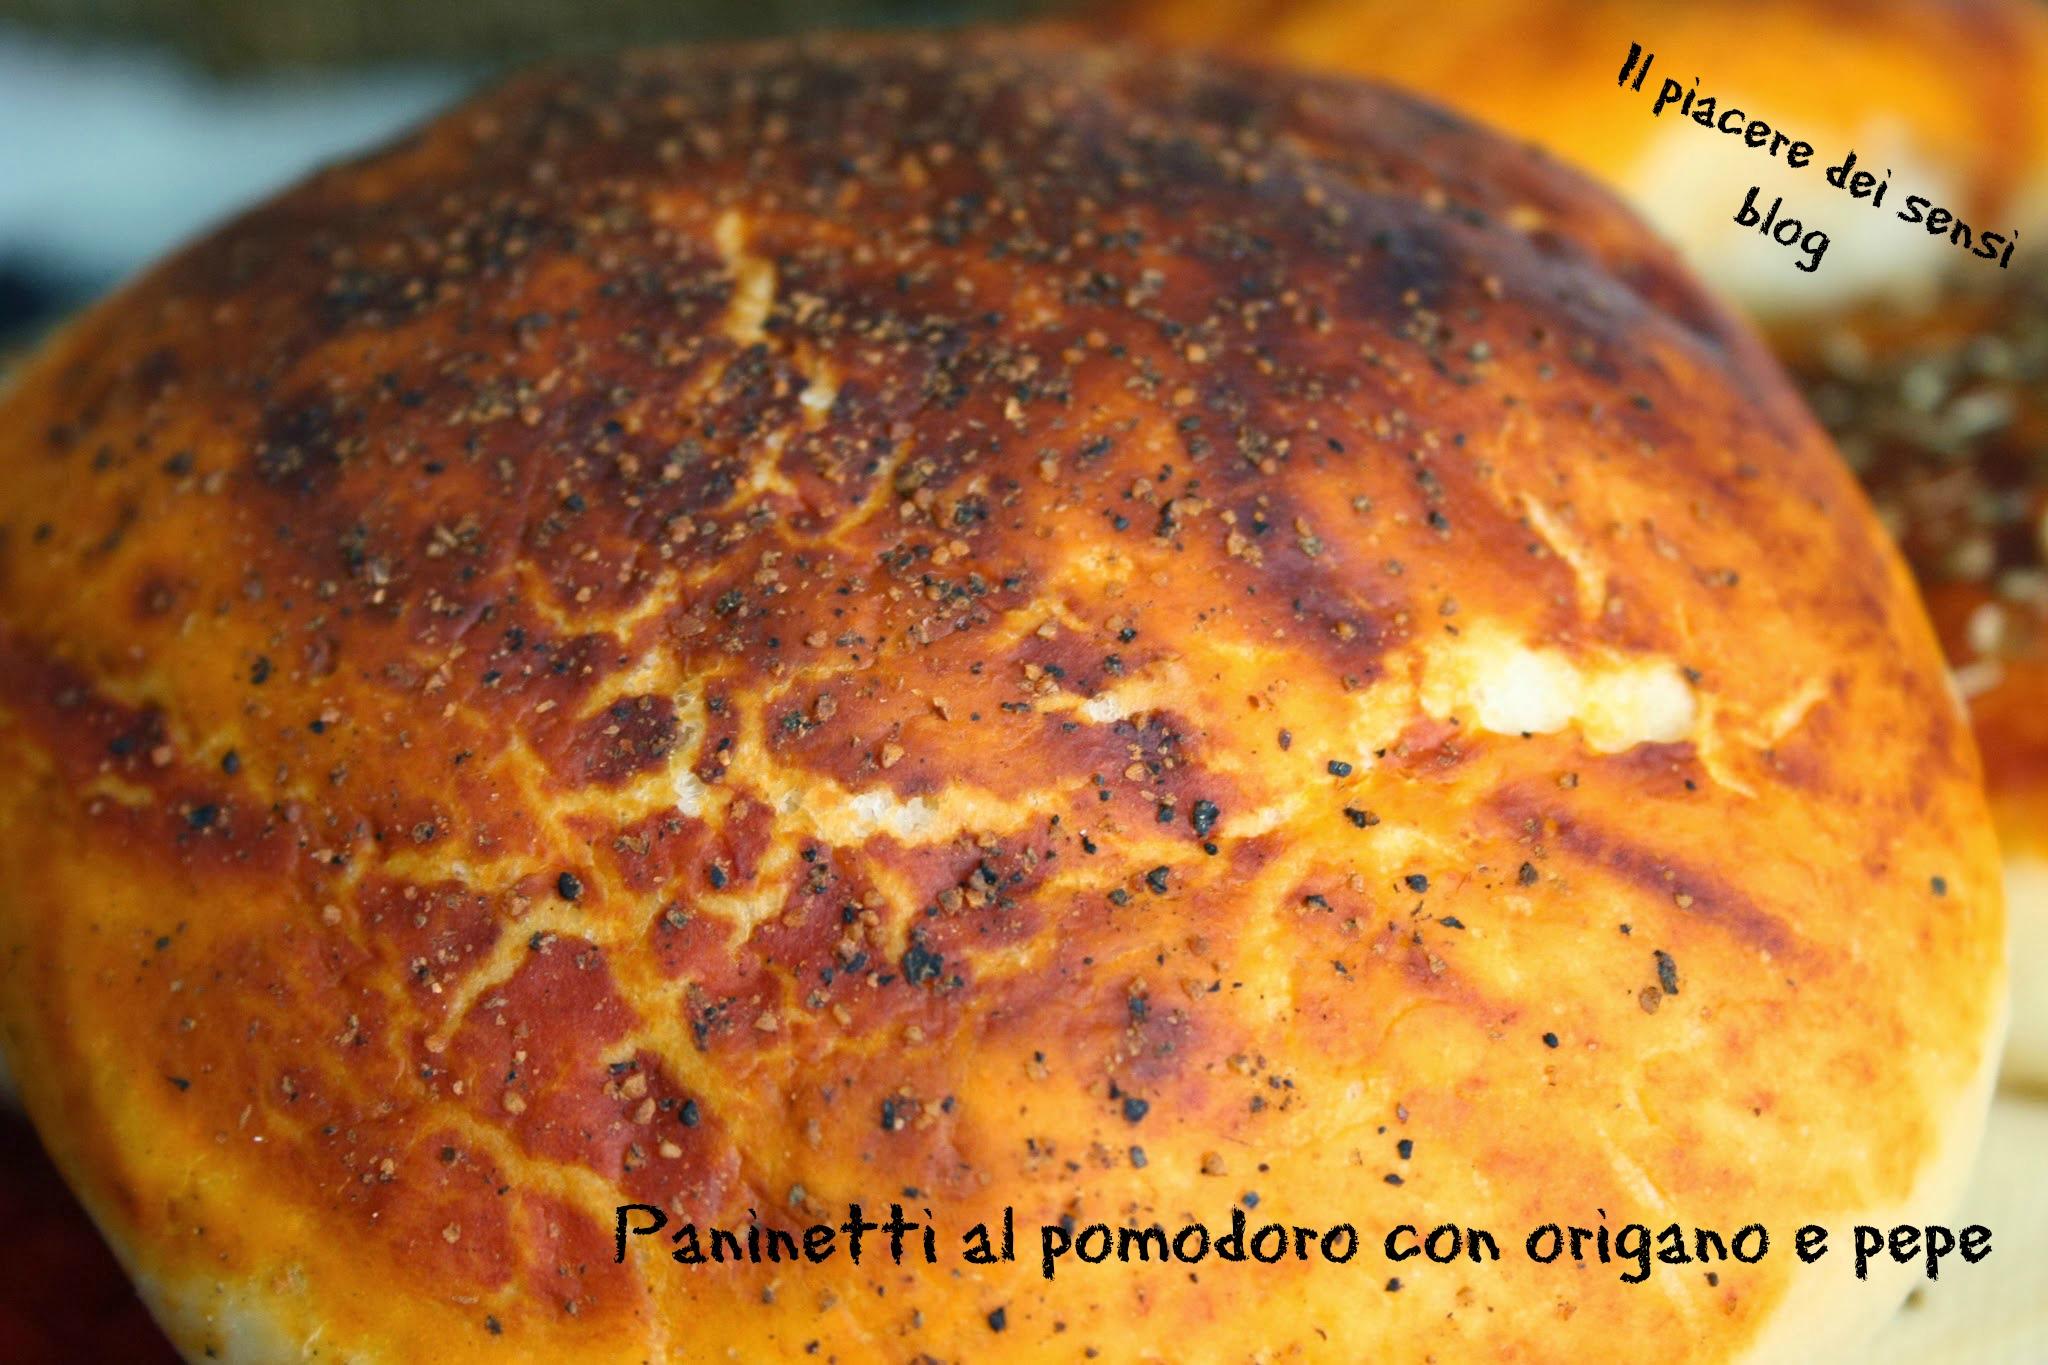 Morbidissimi paninetti al pomodoro con origano e pepe